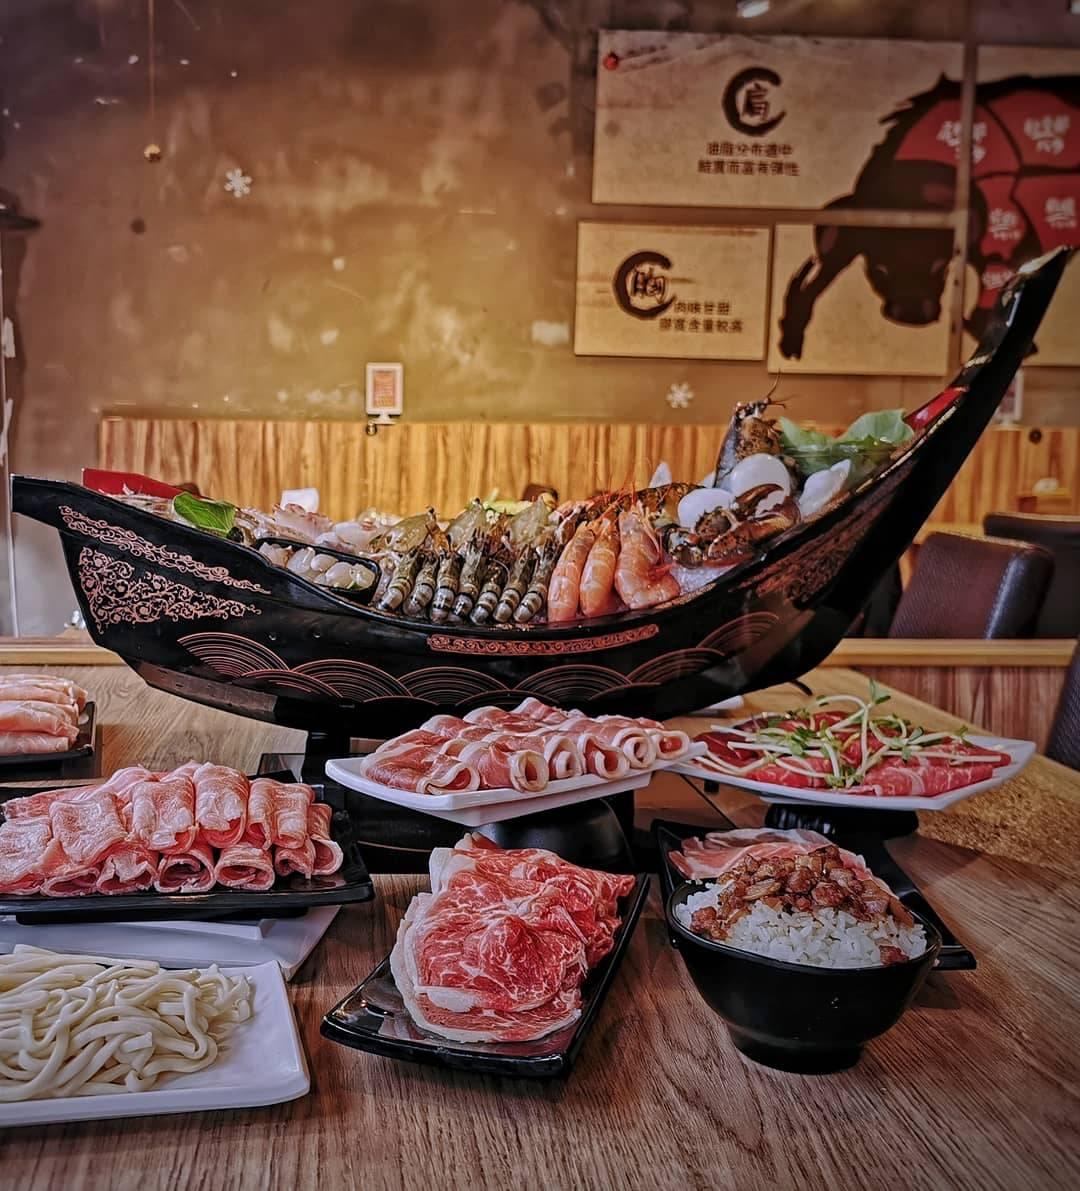 桃園春日路美食-麻六味火鍋-工業風裝潢吃火鍋,海鮮船超級霸氣  (邀約)